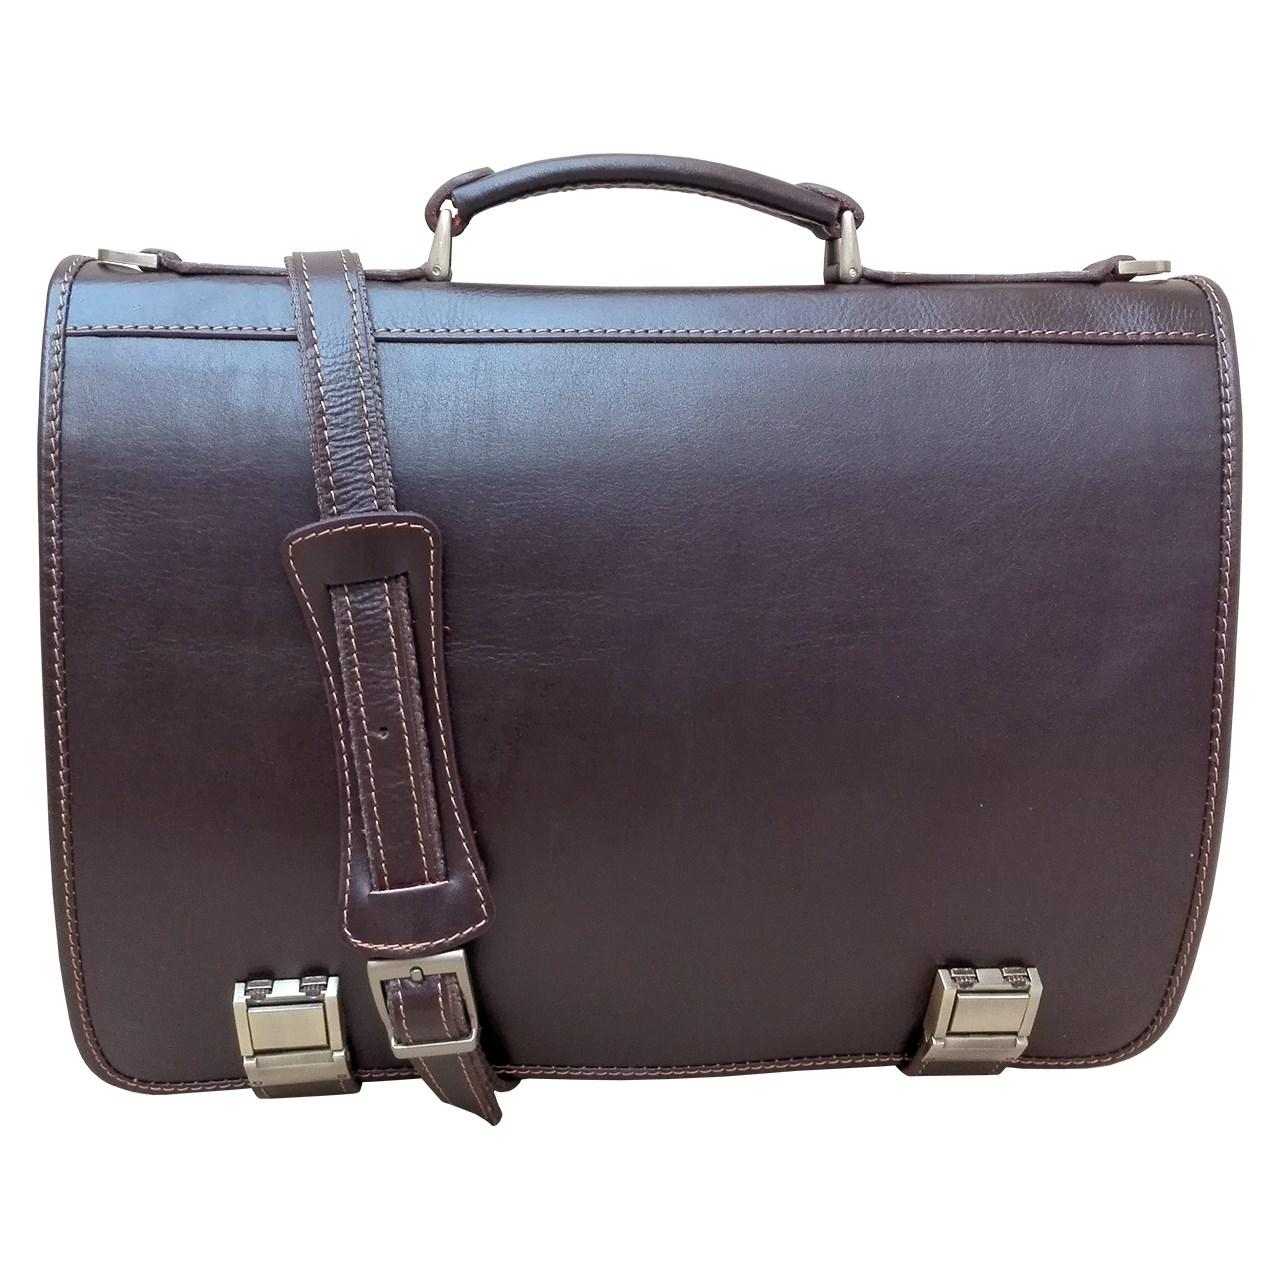 کیف مردانه چرم خاطره مدل 109